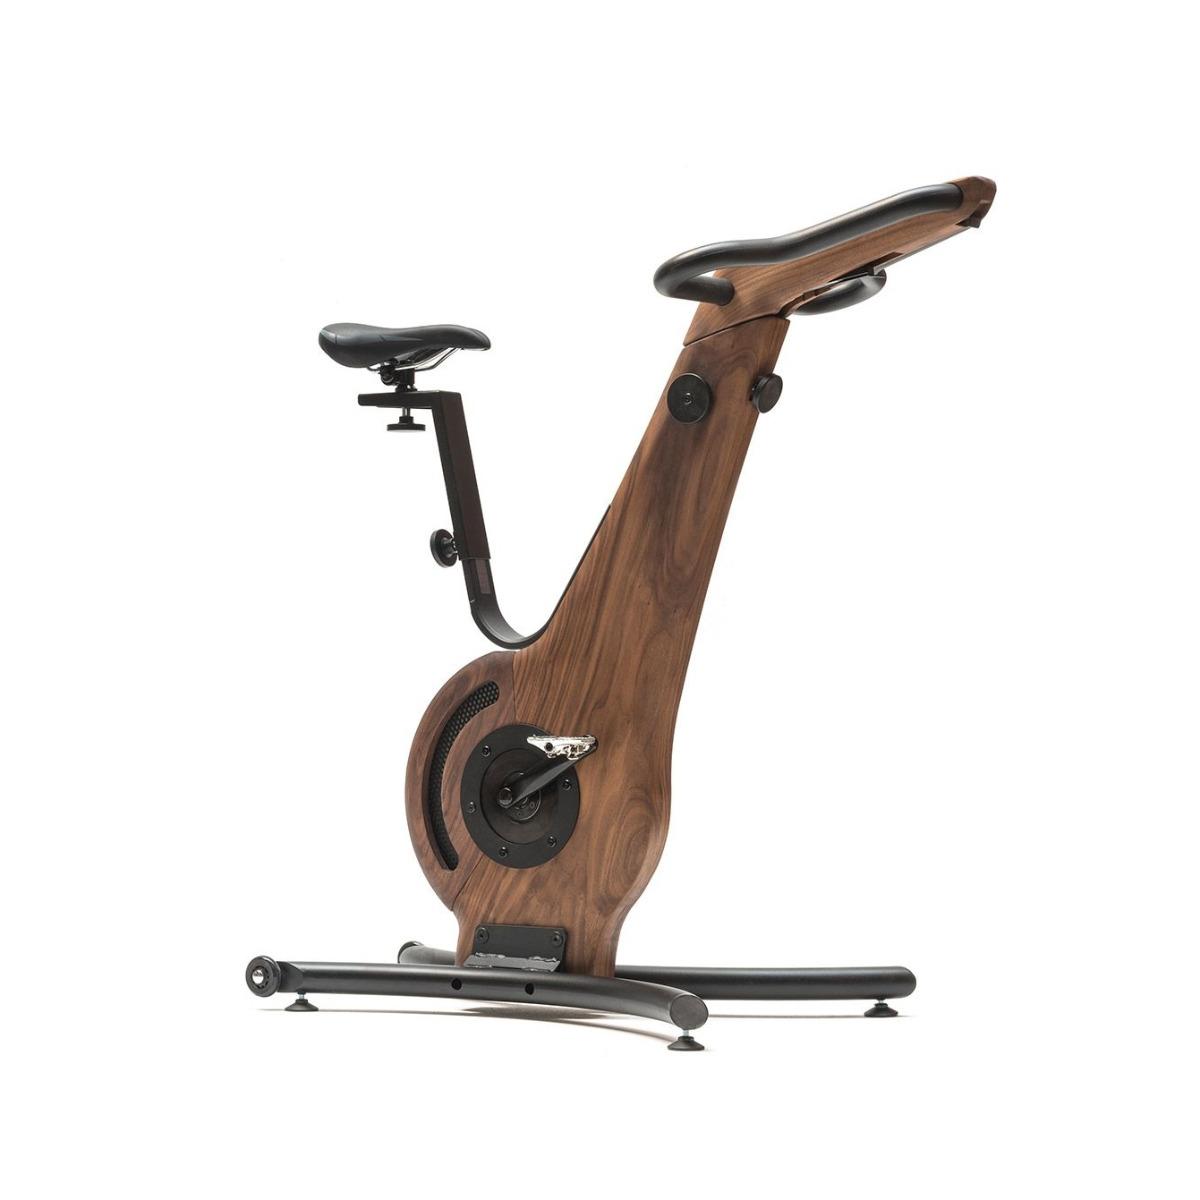 NOHrD Bike - Walnut (Classic)